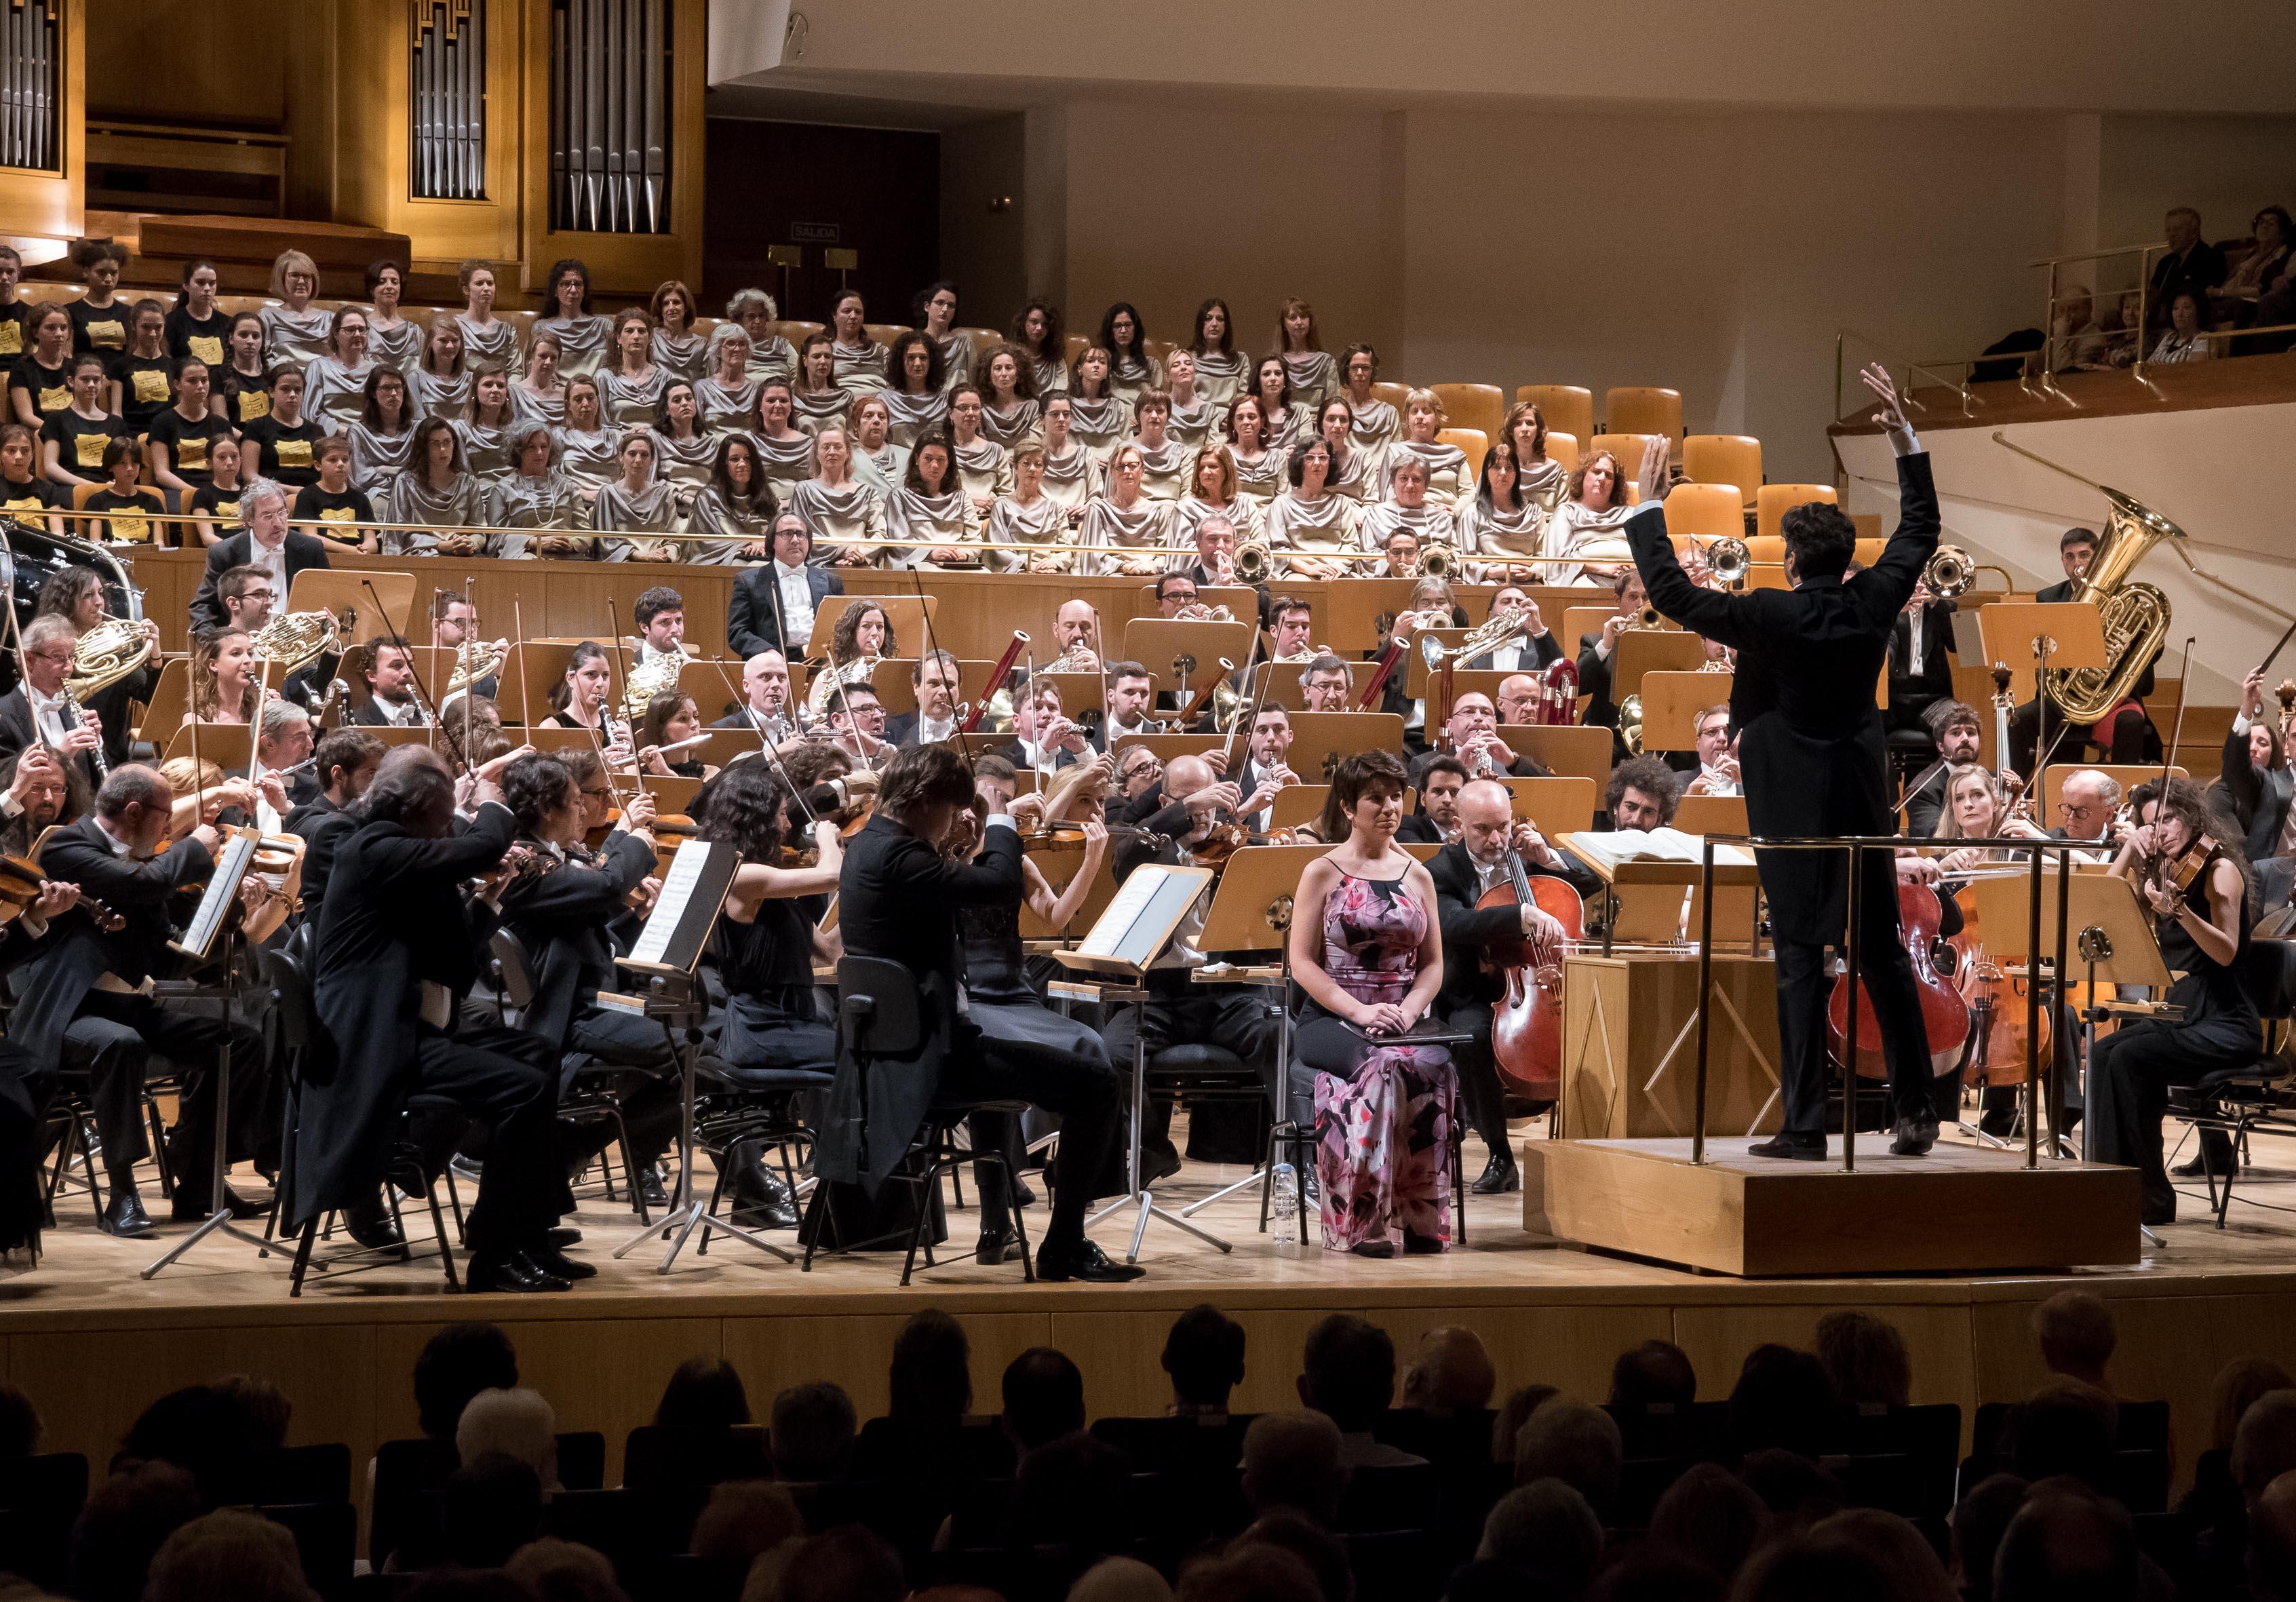 Nuestro concierto de marzo: Jaroussky